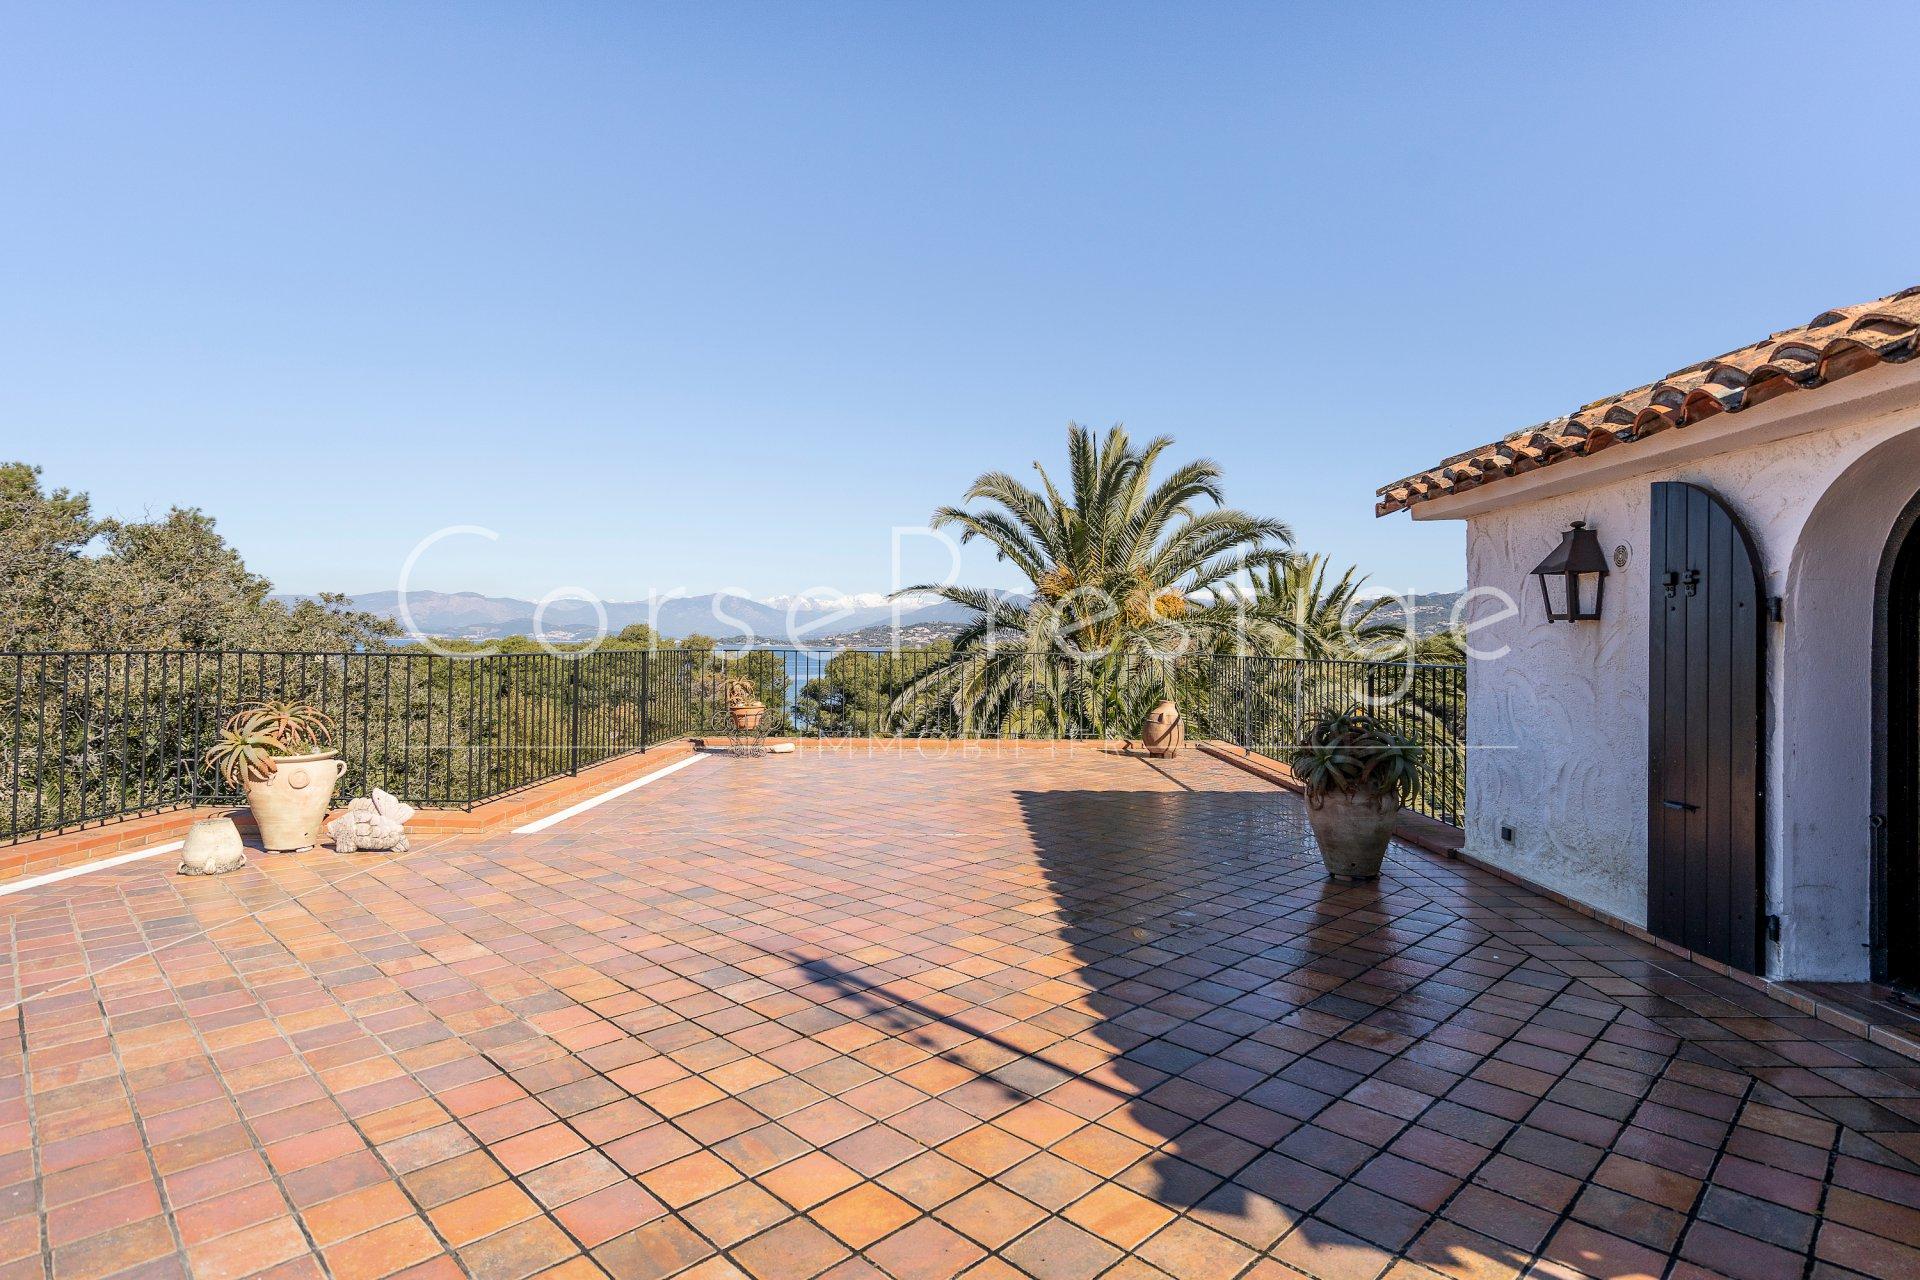 ajaccio gulf - peninsula of isolella - property for sale image7